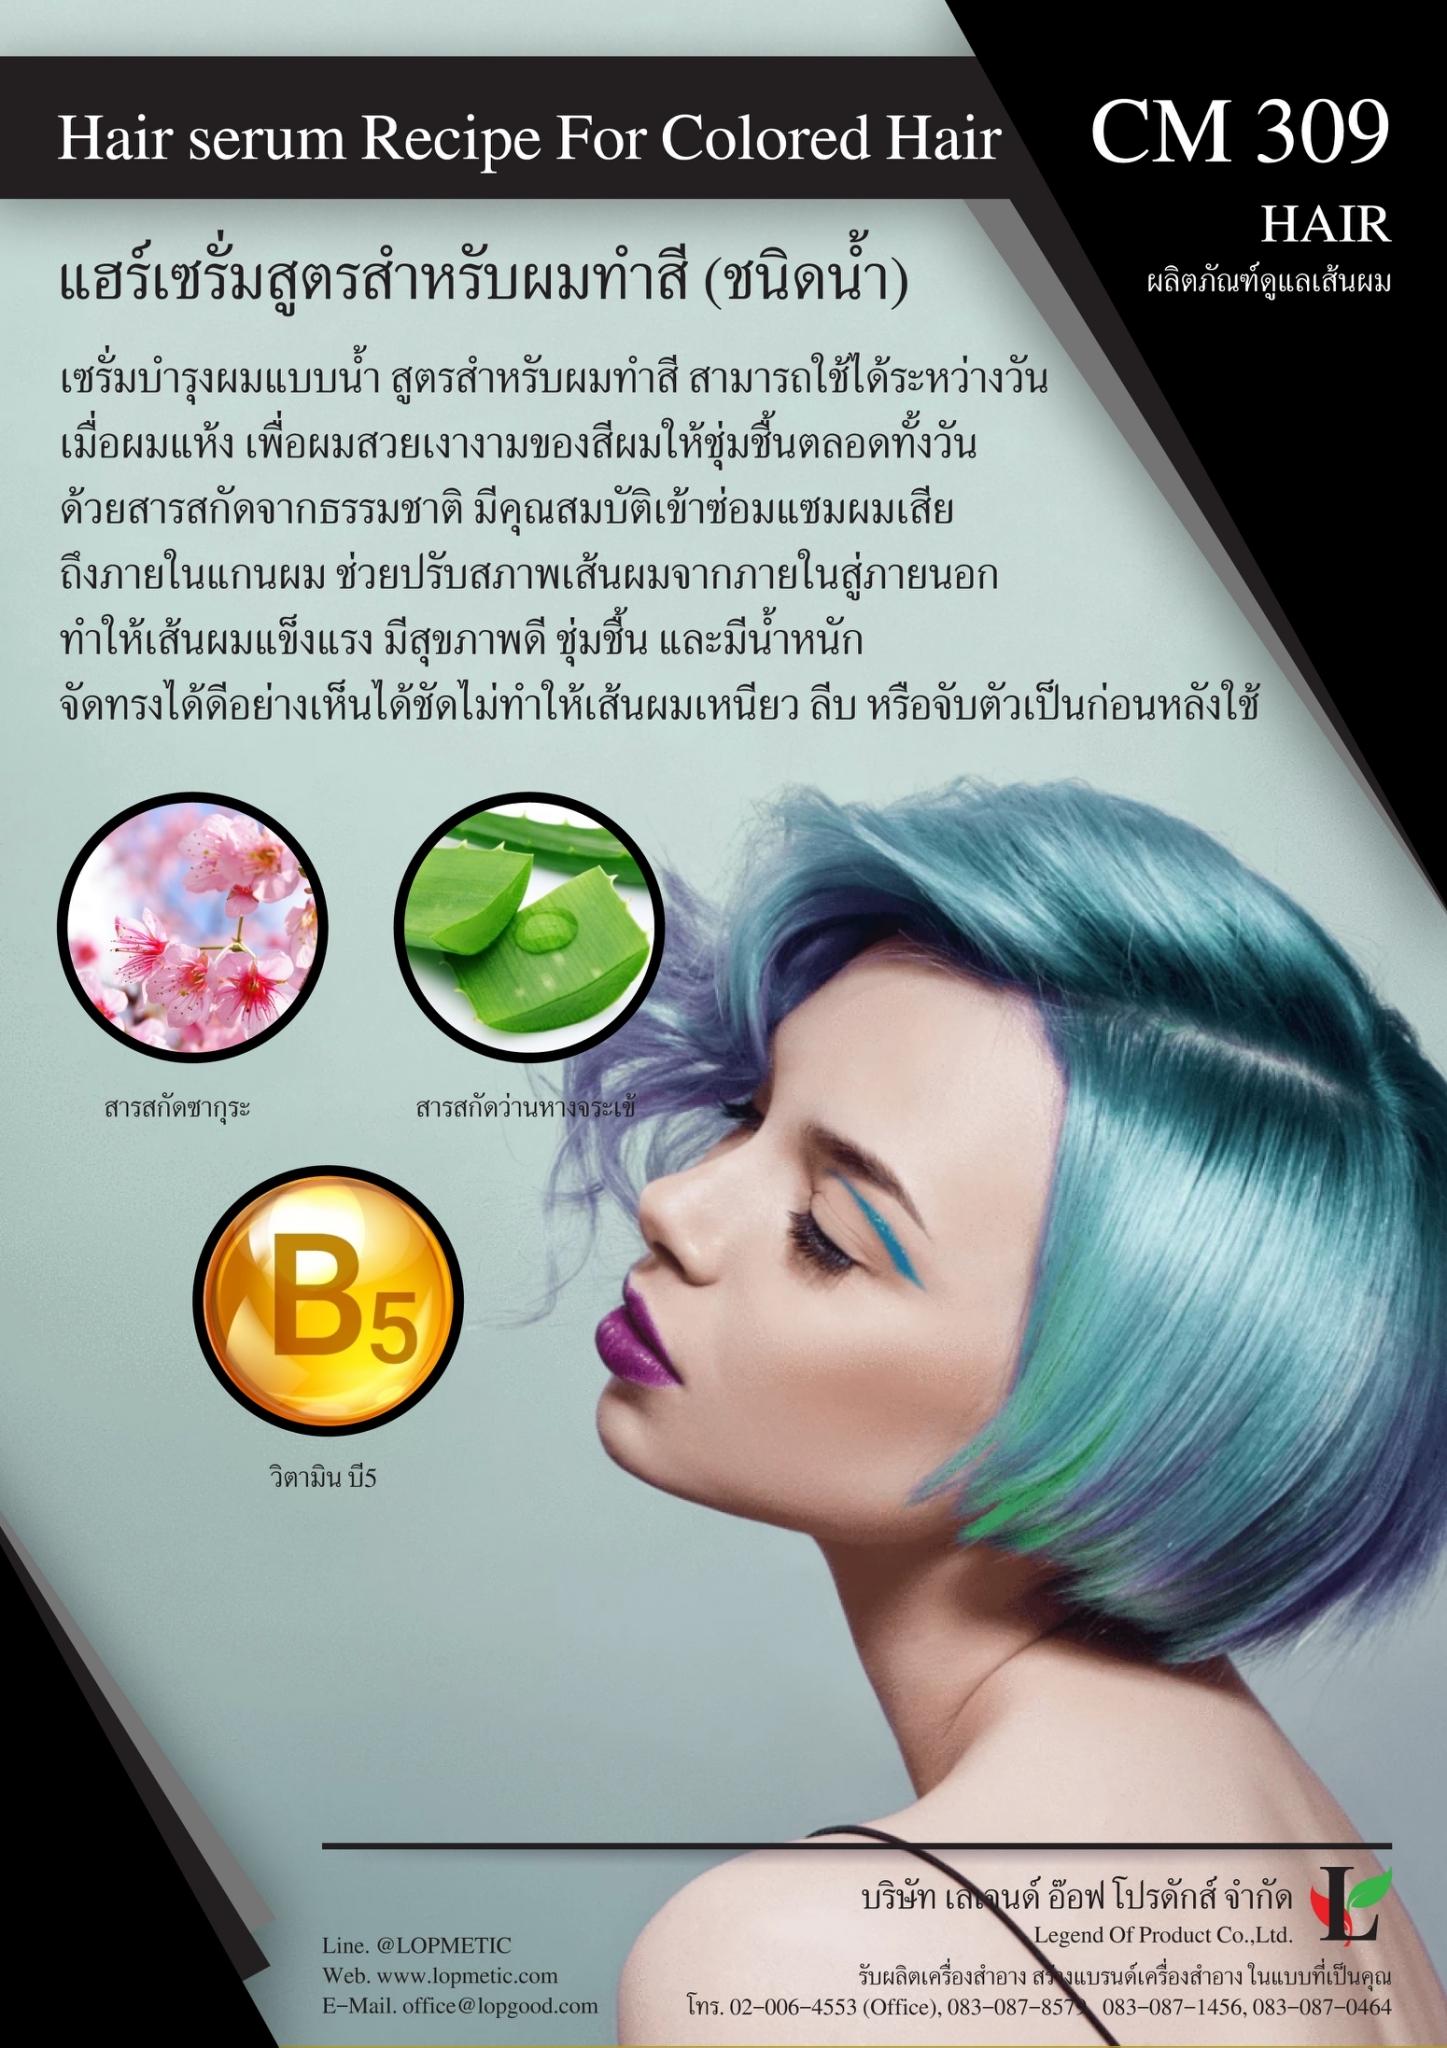 รับผลิตHair serum Recipe for colored hair แฮร์เซรั่มสูตรสำหรับผมทำสี(ชนิดน้ำ)